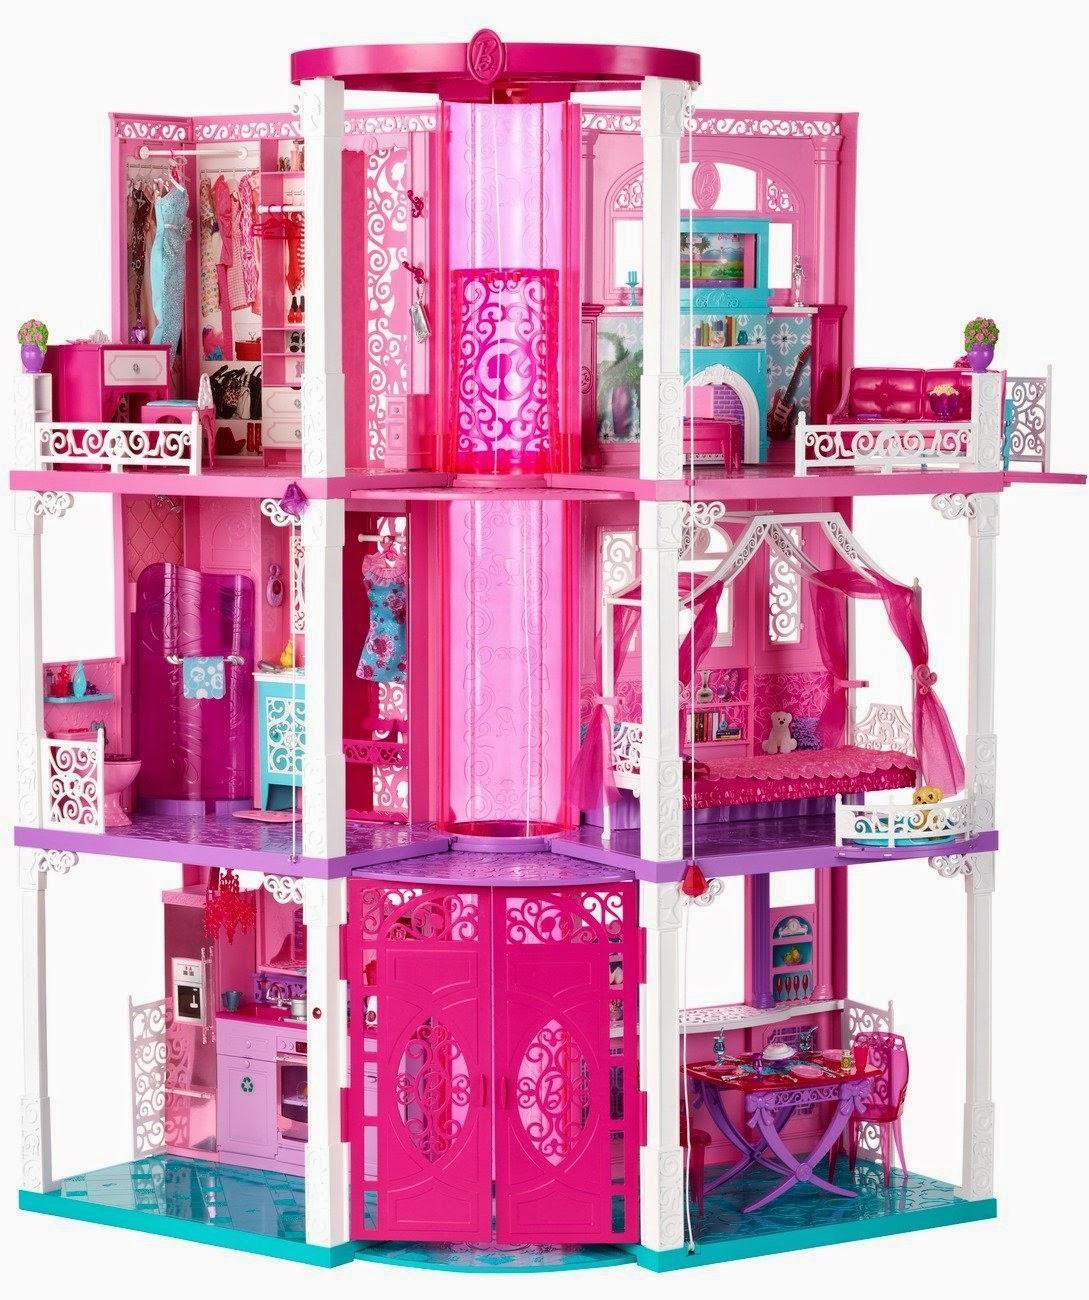 Giochi barbie novembre 2014 for Progetta la mia casa dei sogni